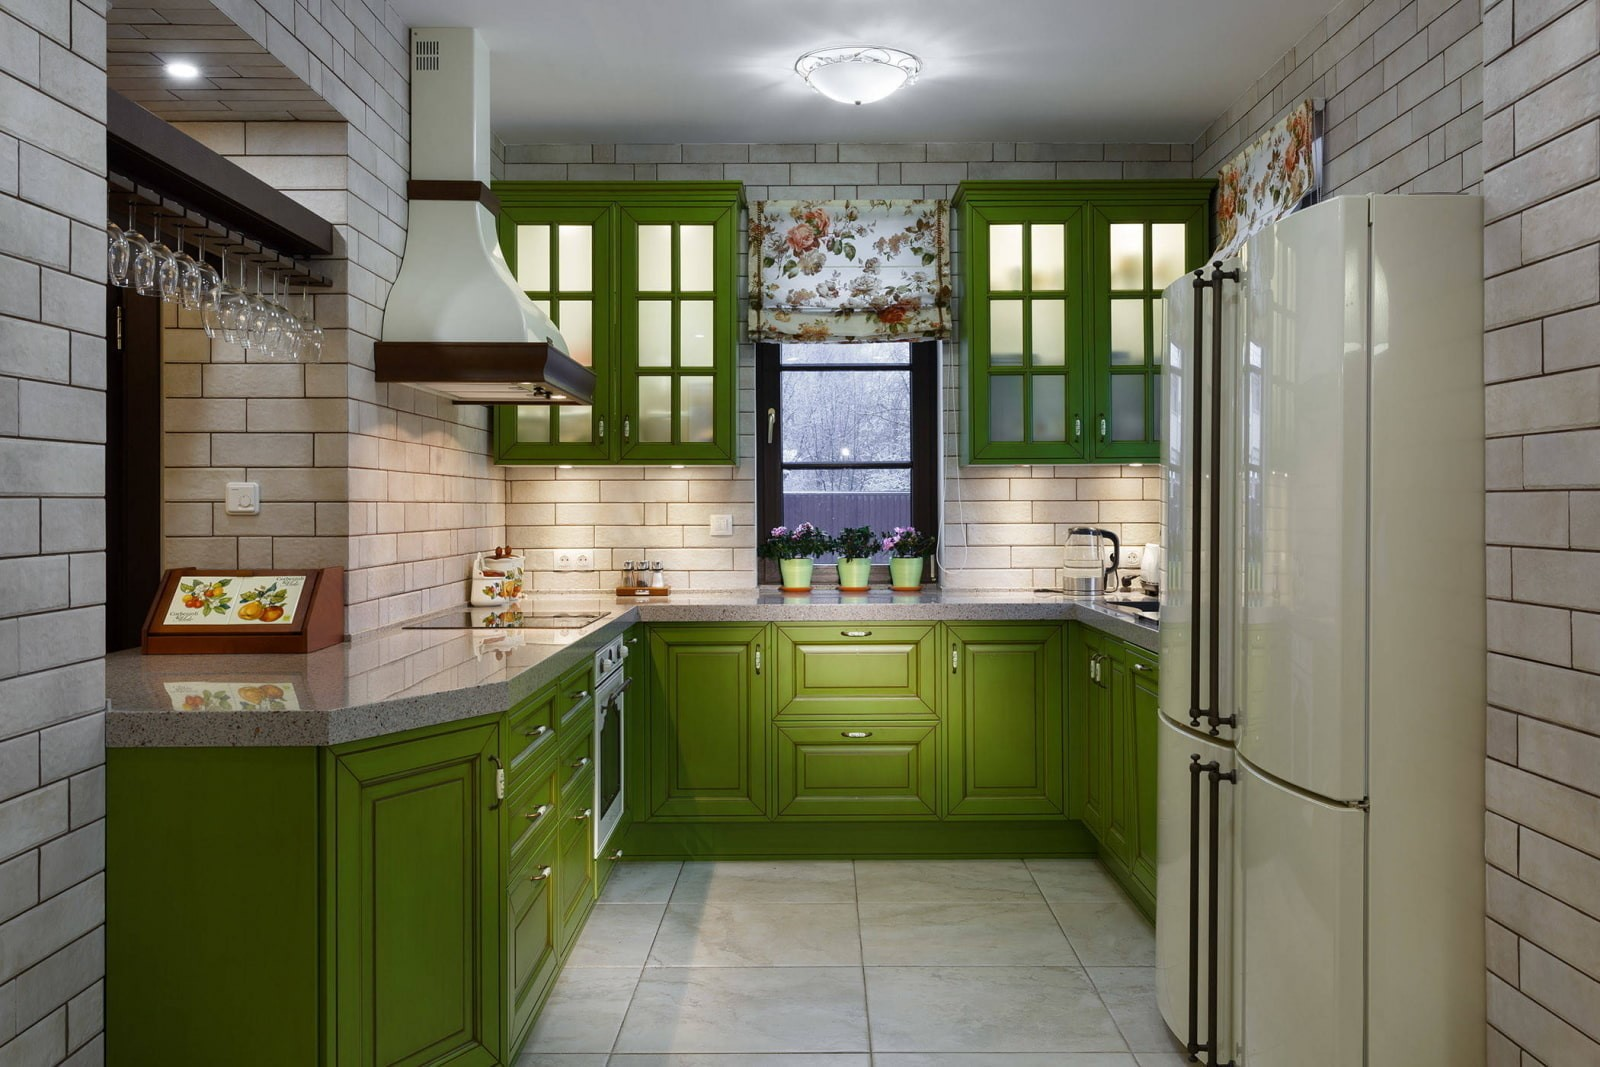 Бело-зеленая кухня - наиболее популярное сочетание